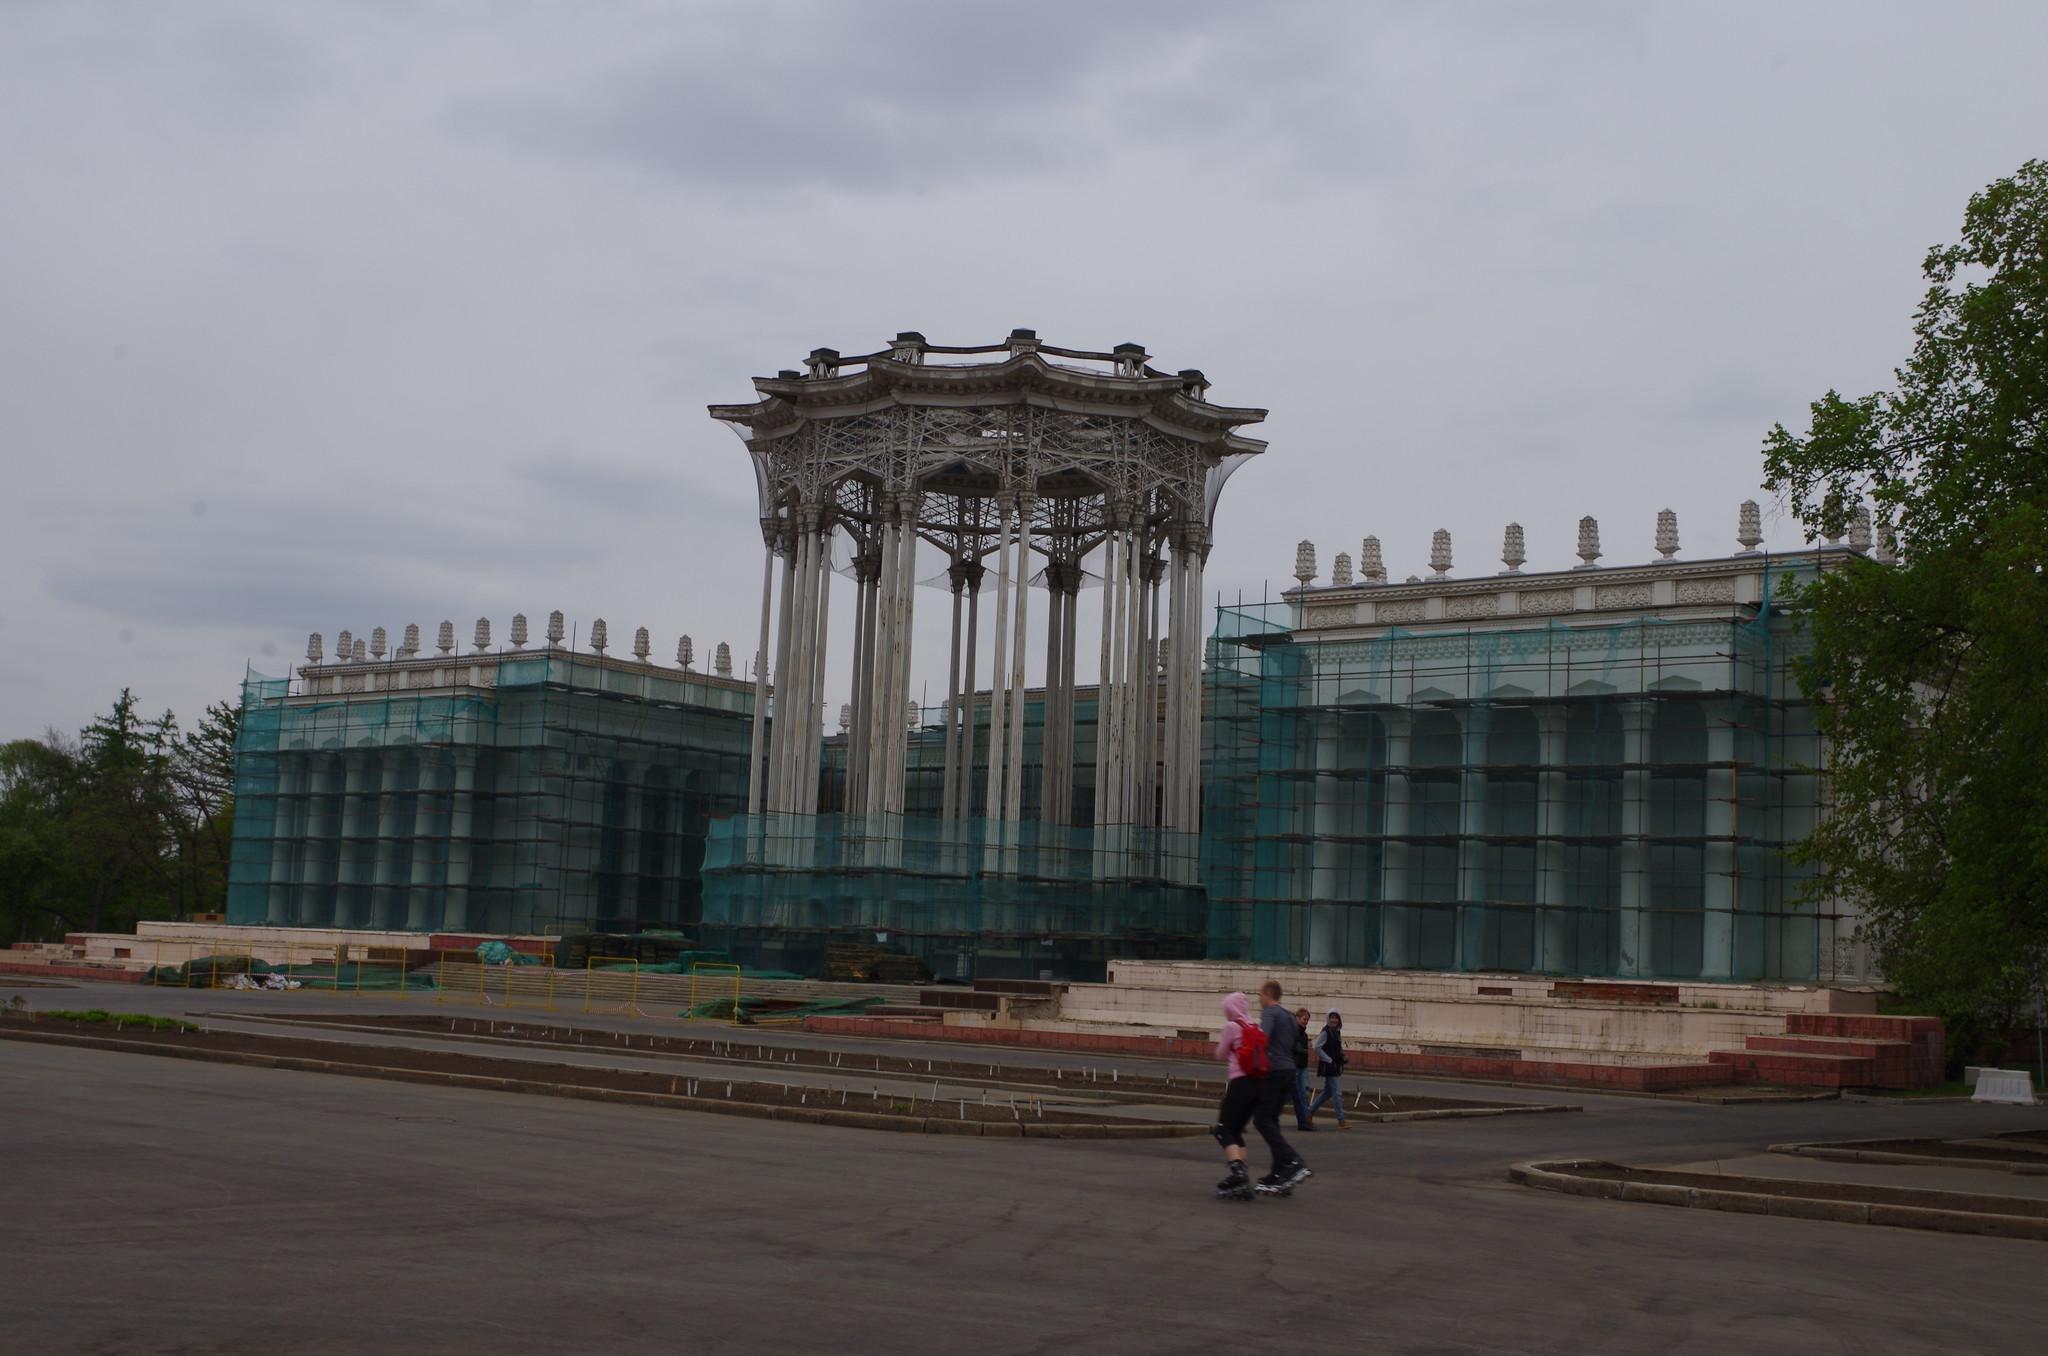 Павильон «Культура» («Узбекская ССР») в 4 мая 2014 года